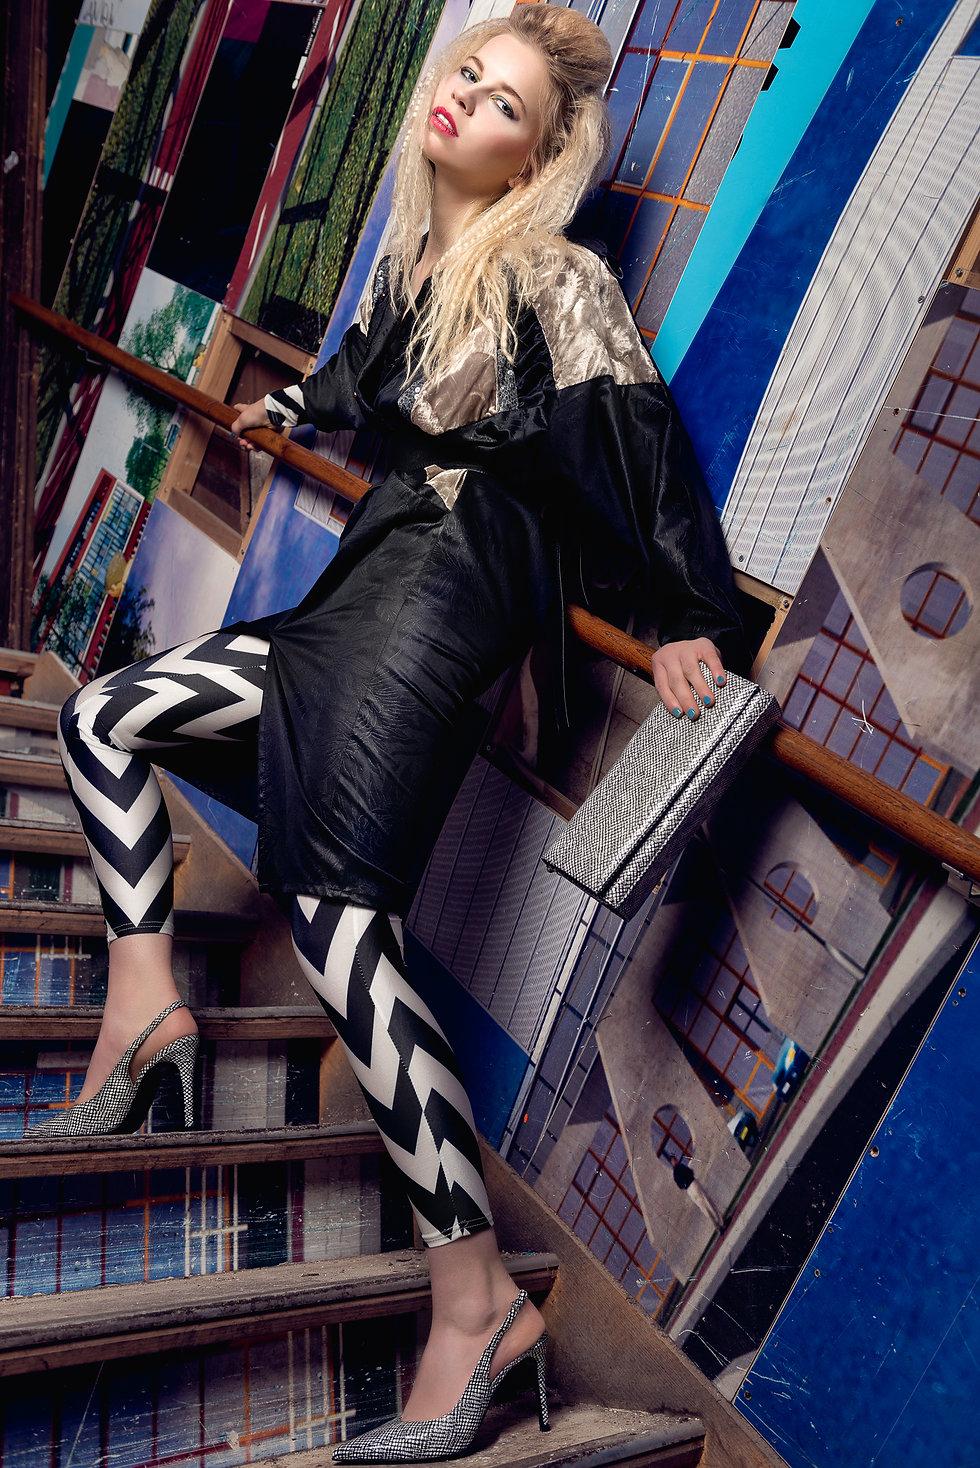 Back 2 Black - Bulace Magazine NYC